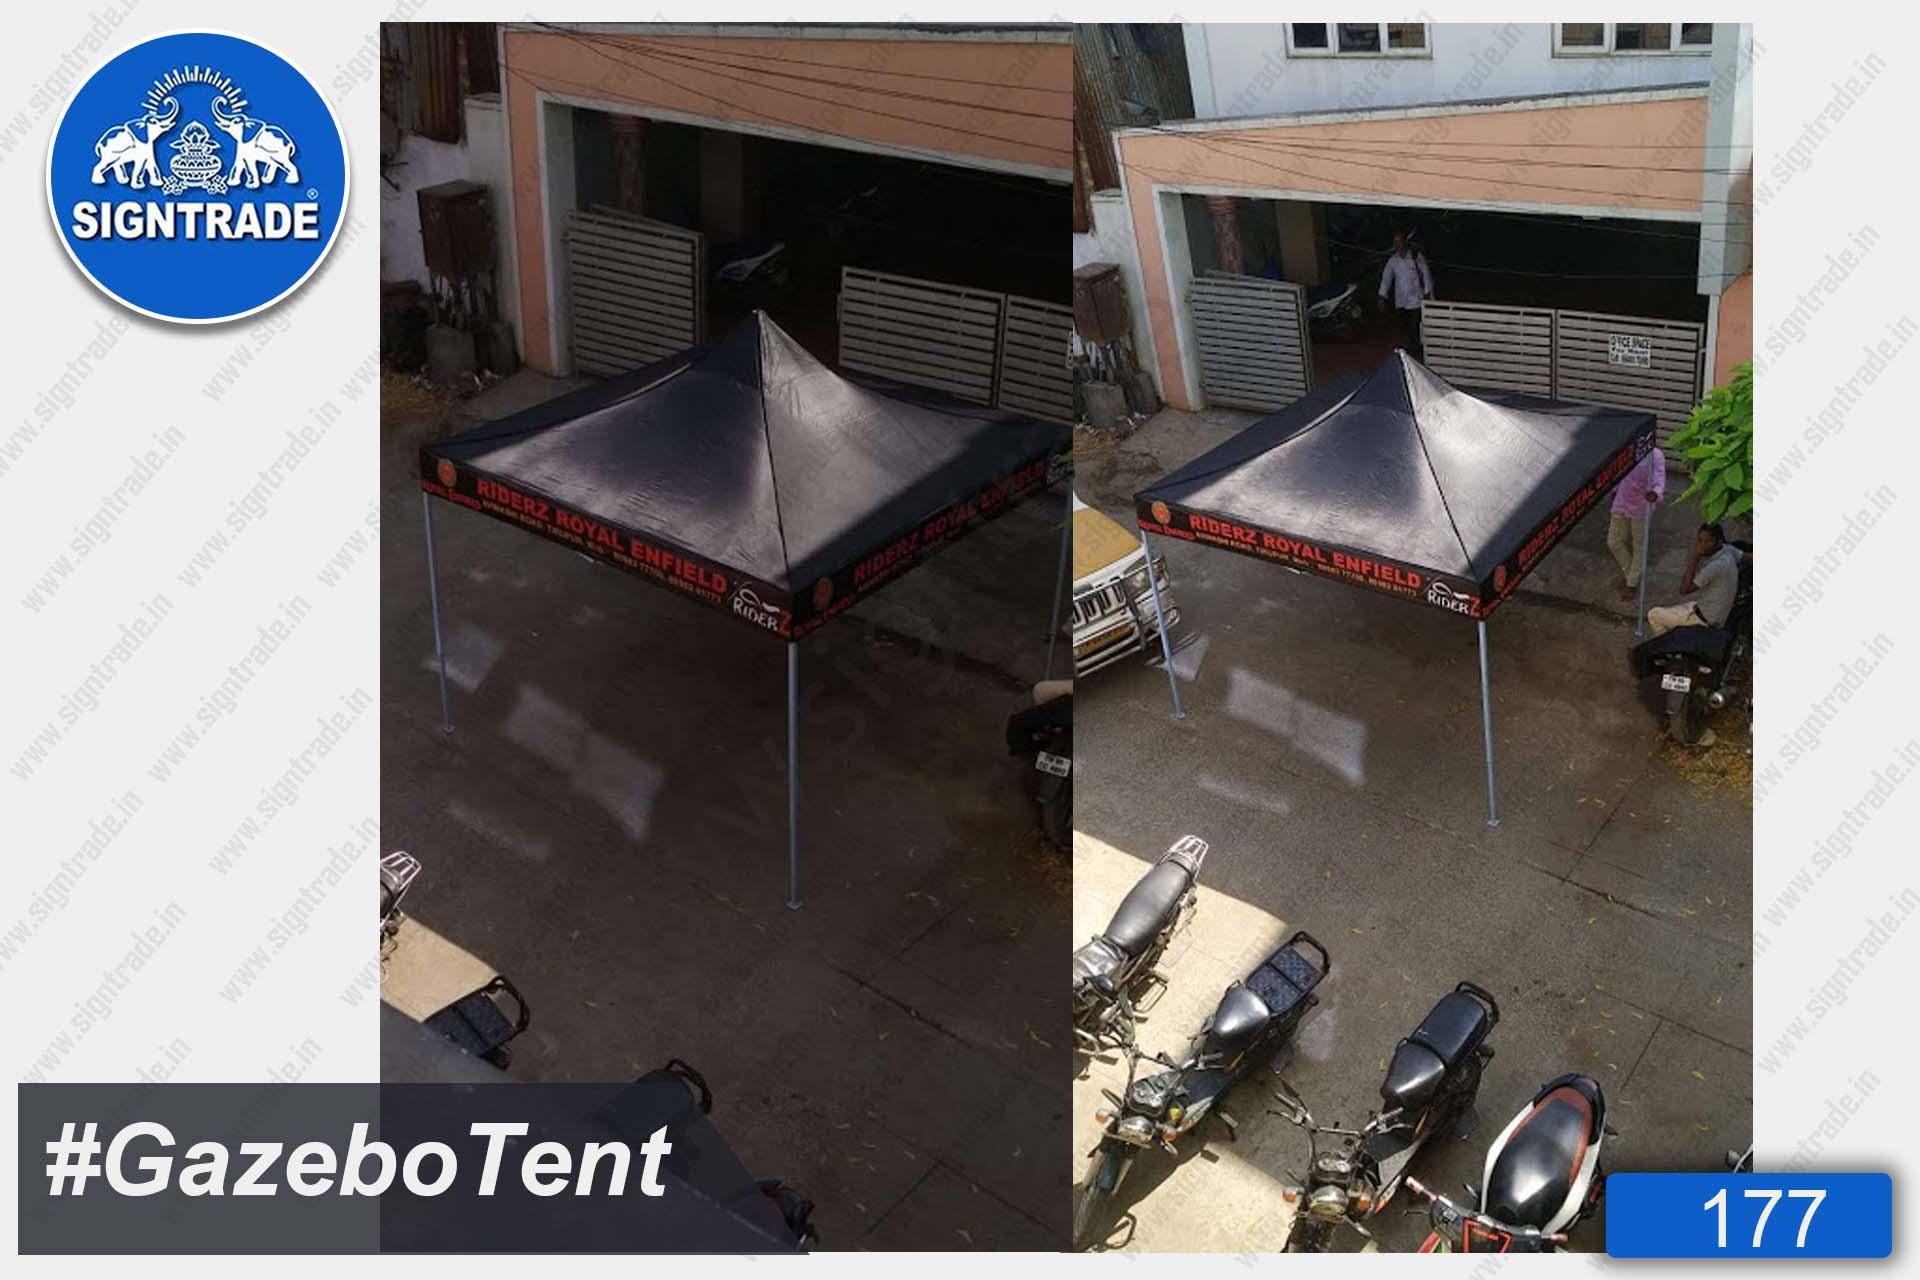 Royal Enfield - Gazebo Tent